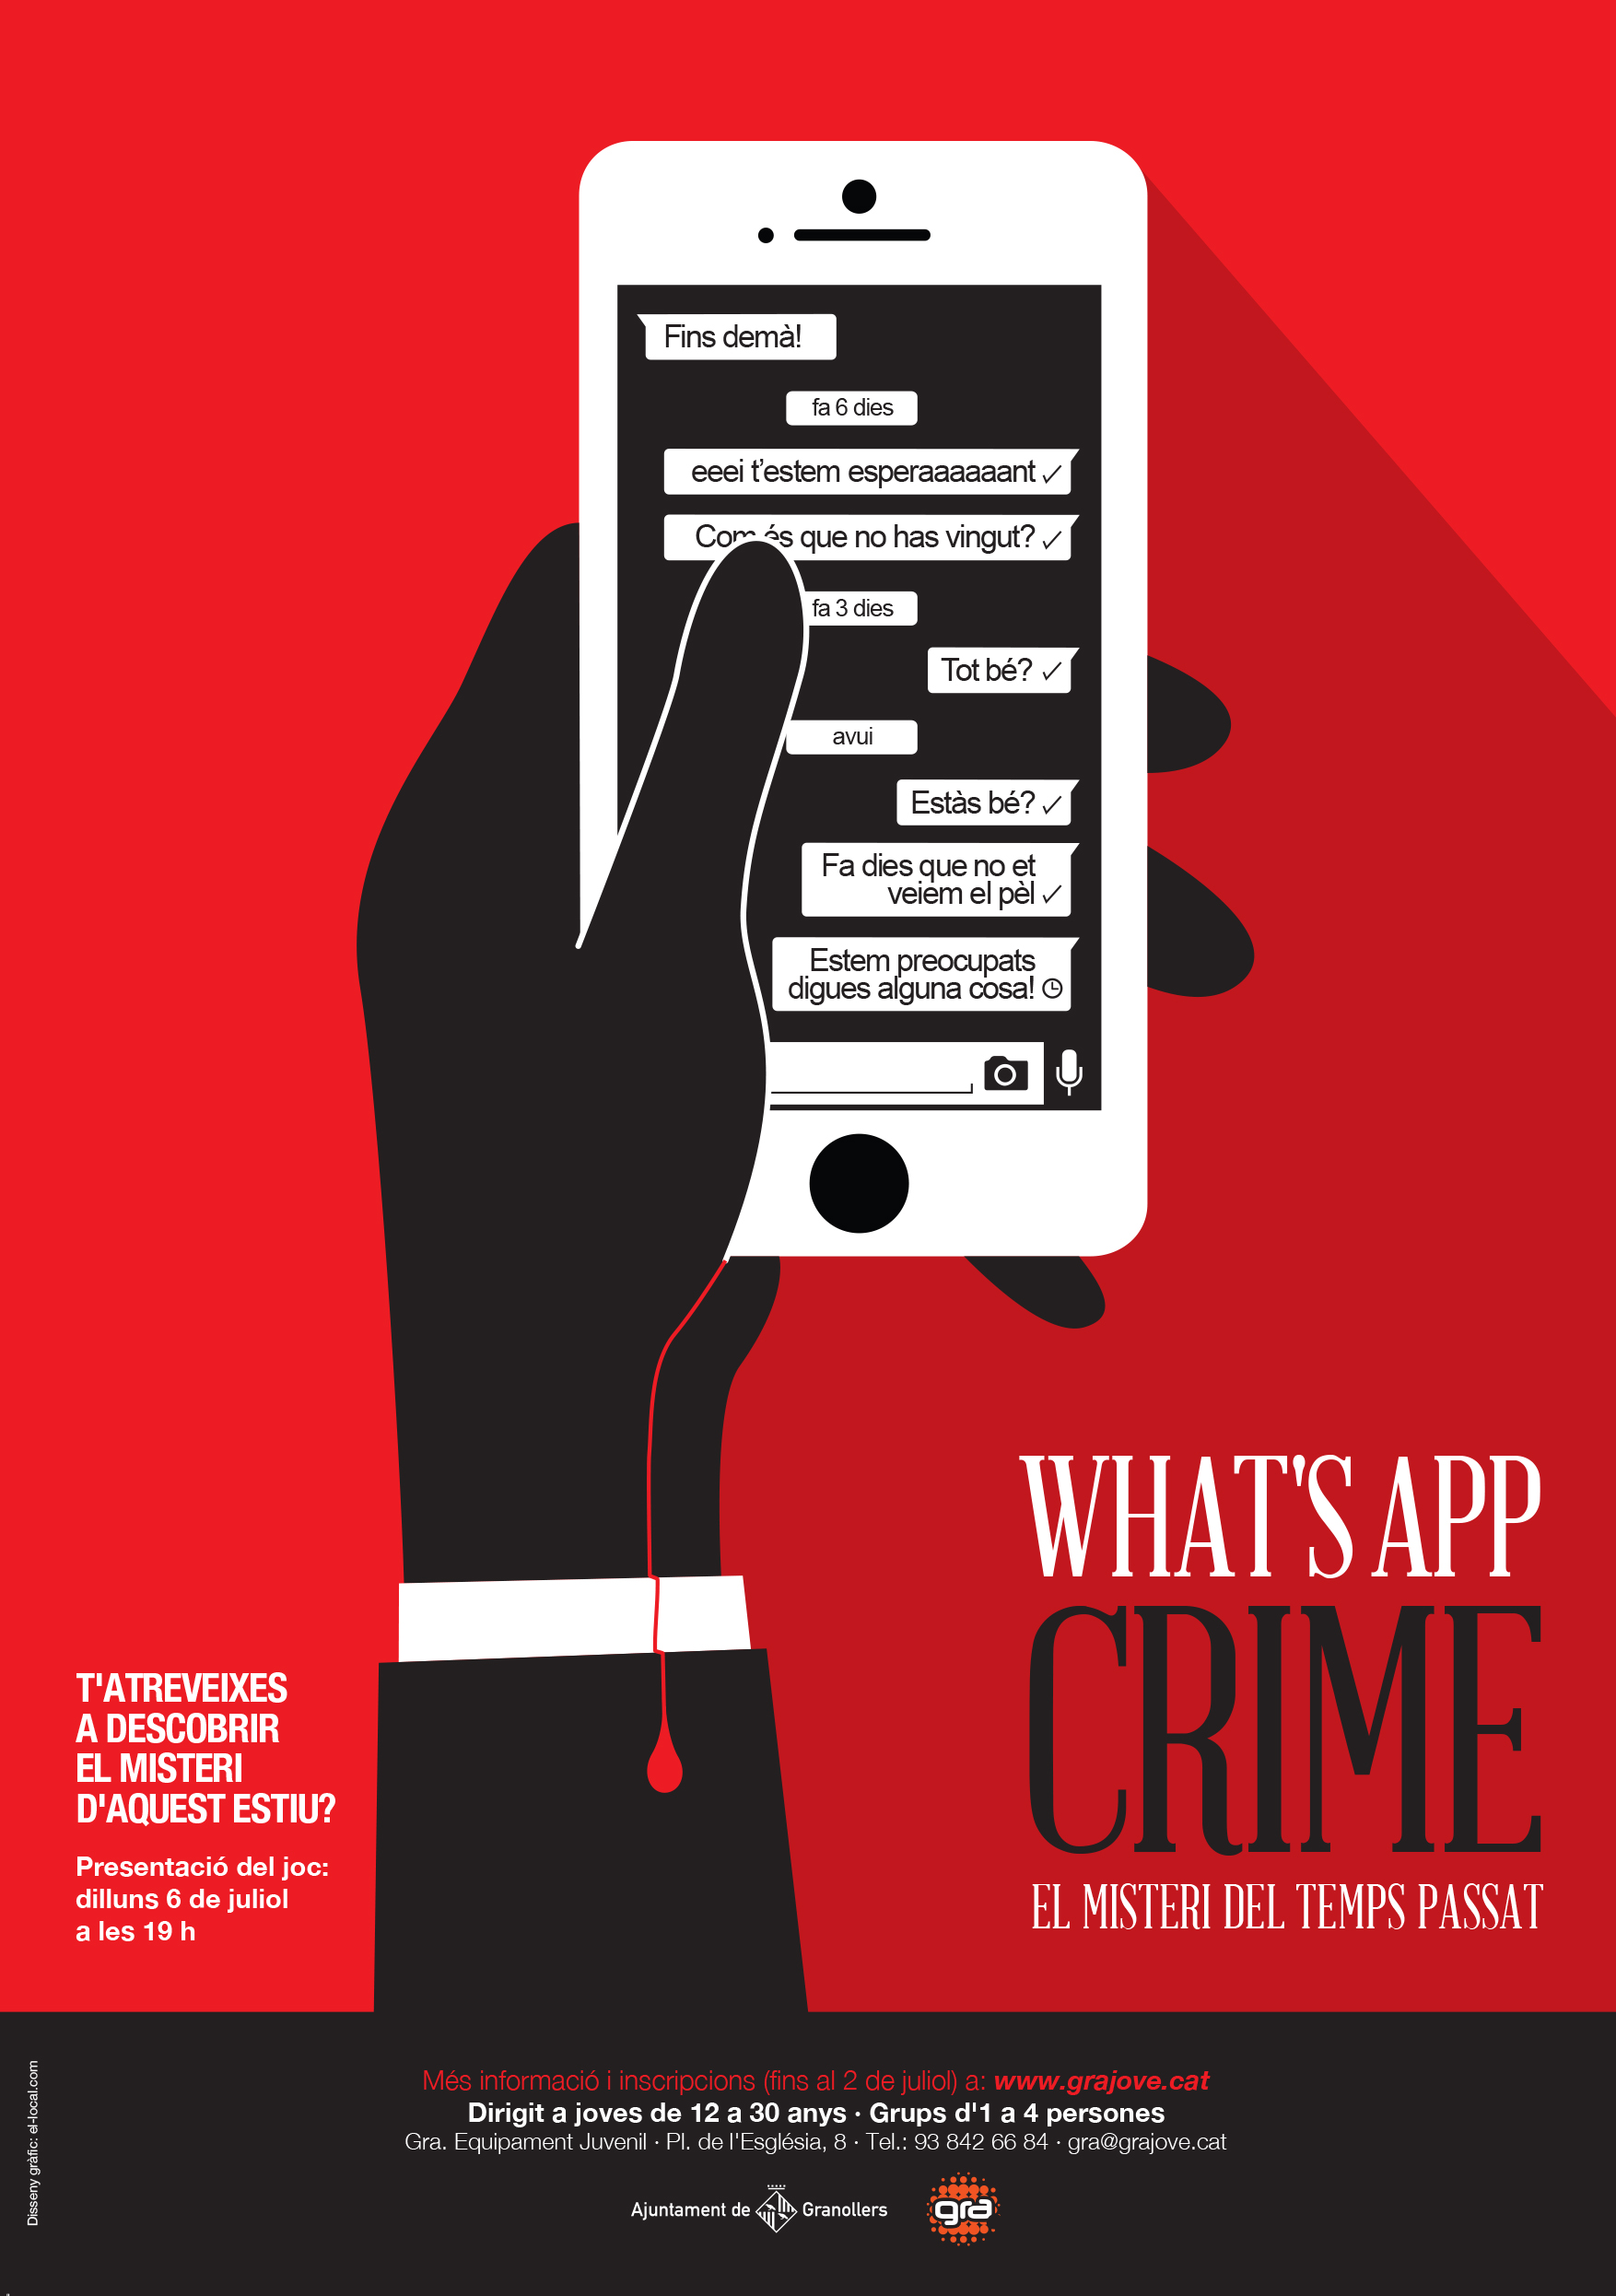 el local_what's app crime